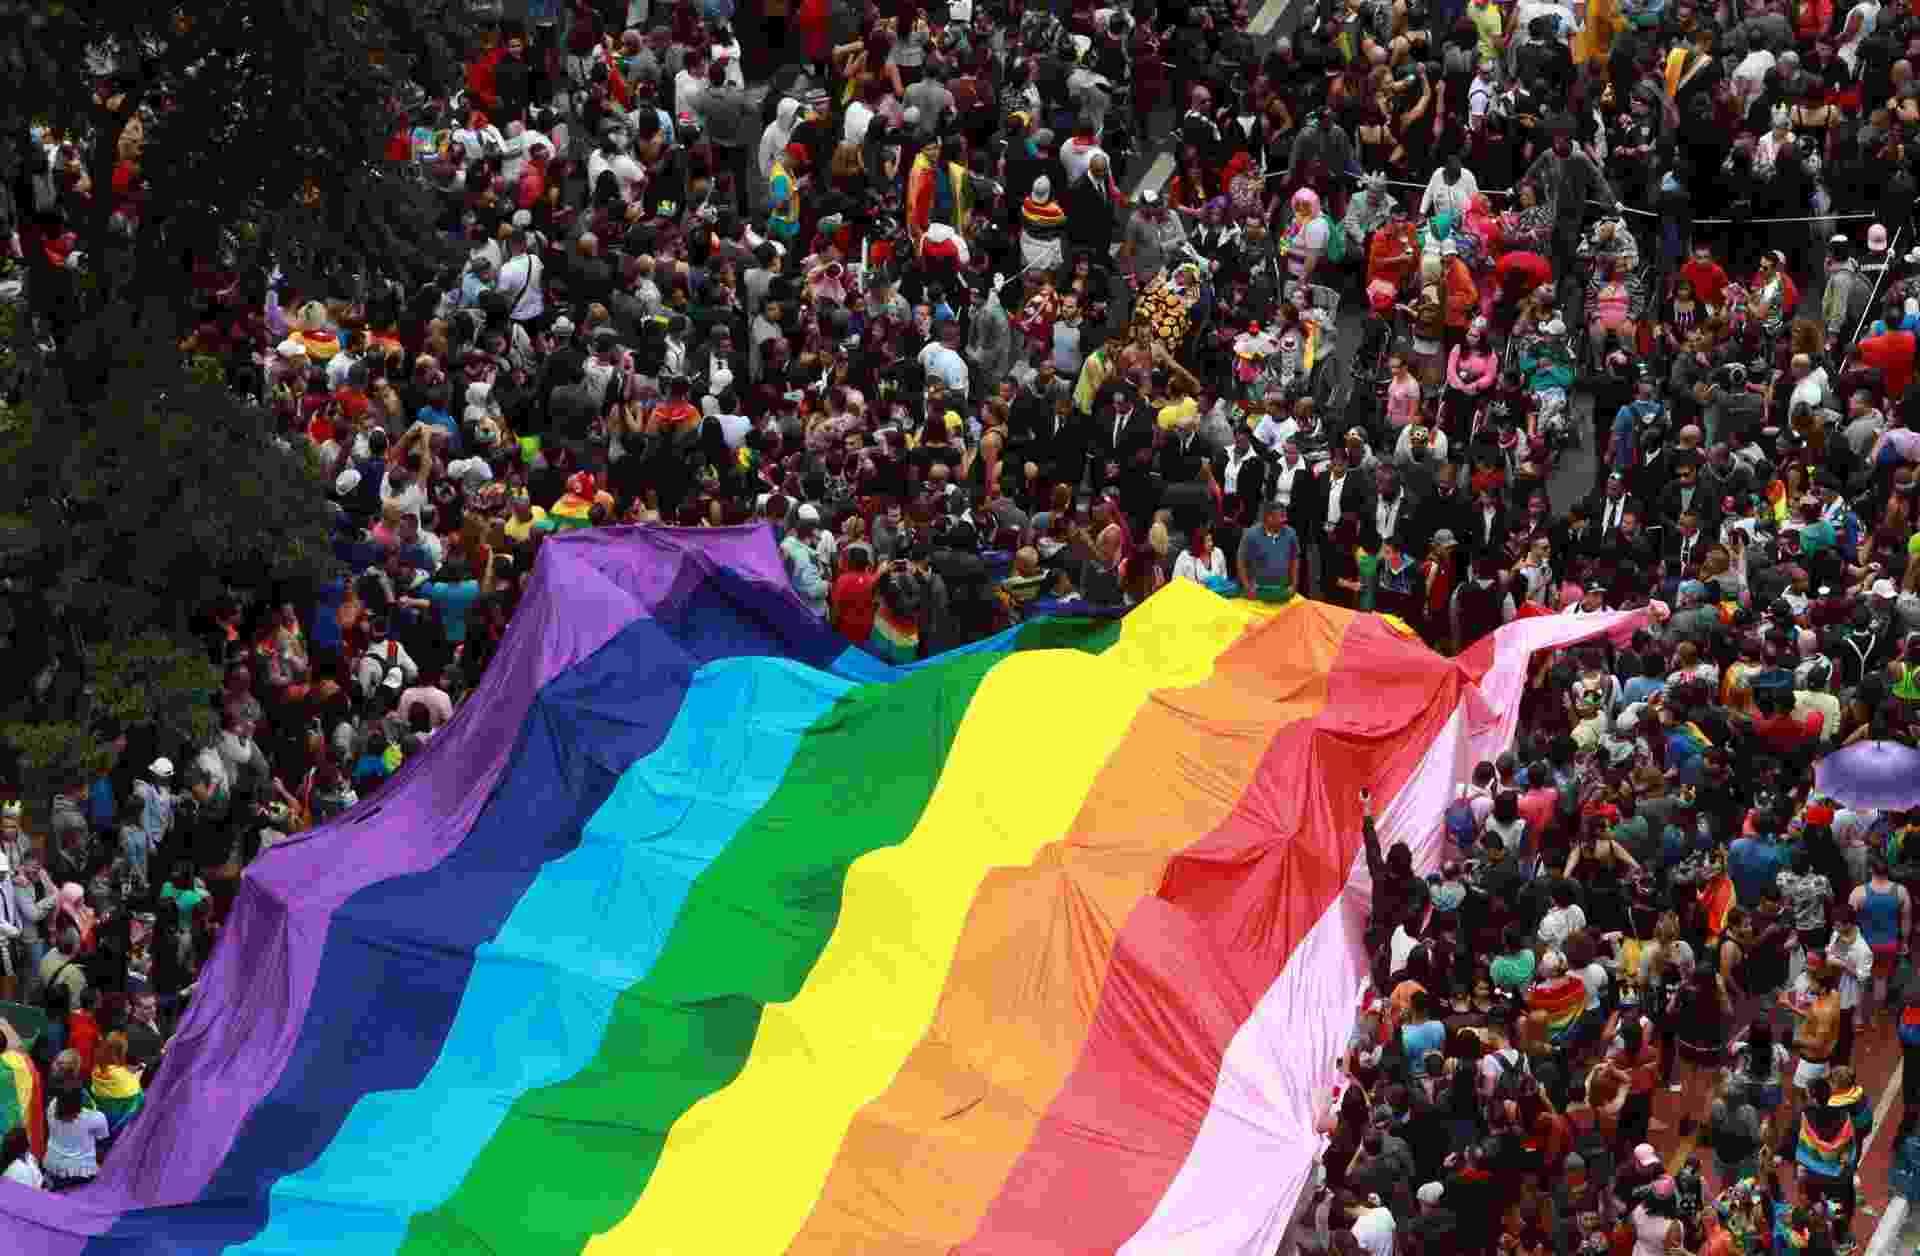 3.jun.2018 - Vista aérea do desfile da 22ª Parada LGBT realizada na Avenida Paulista, no centro de São Paulo, neste domingo (3). O tema do evento esse ano está focado nas eleições de 2018 - Werther Santana/Estadão Conteúdo